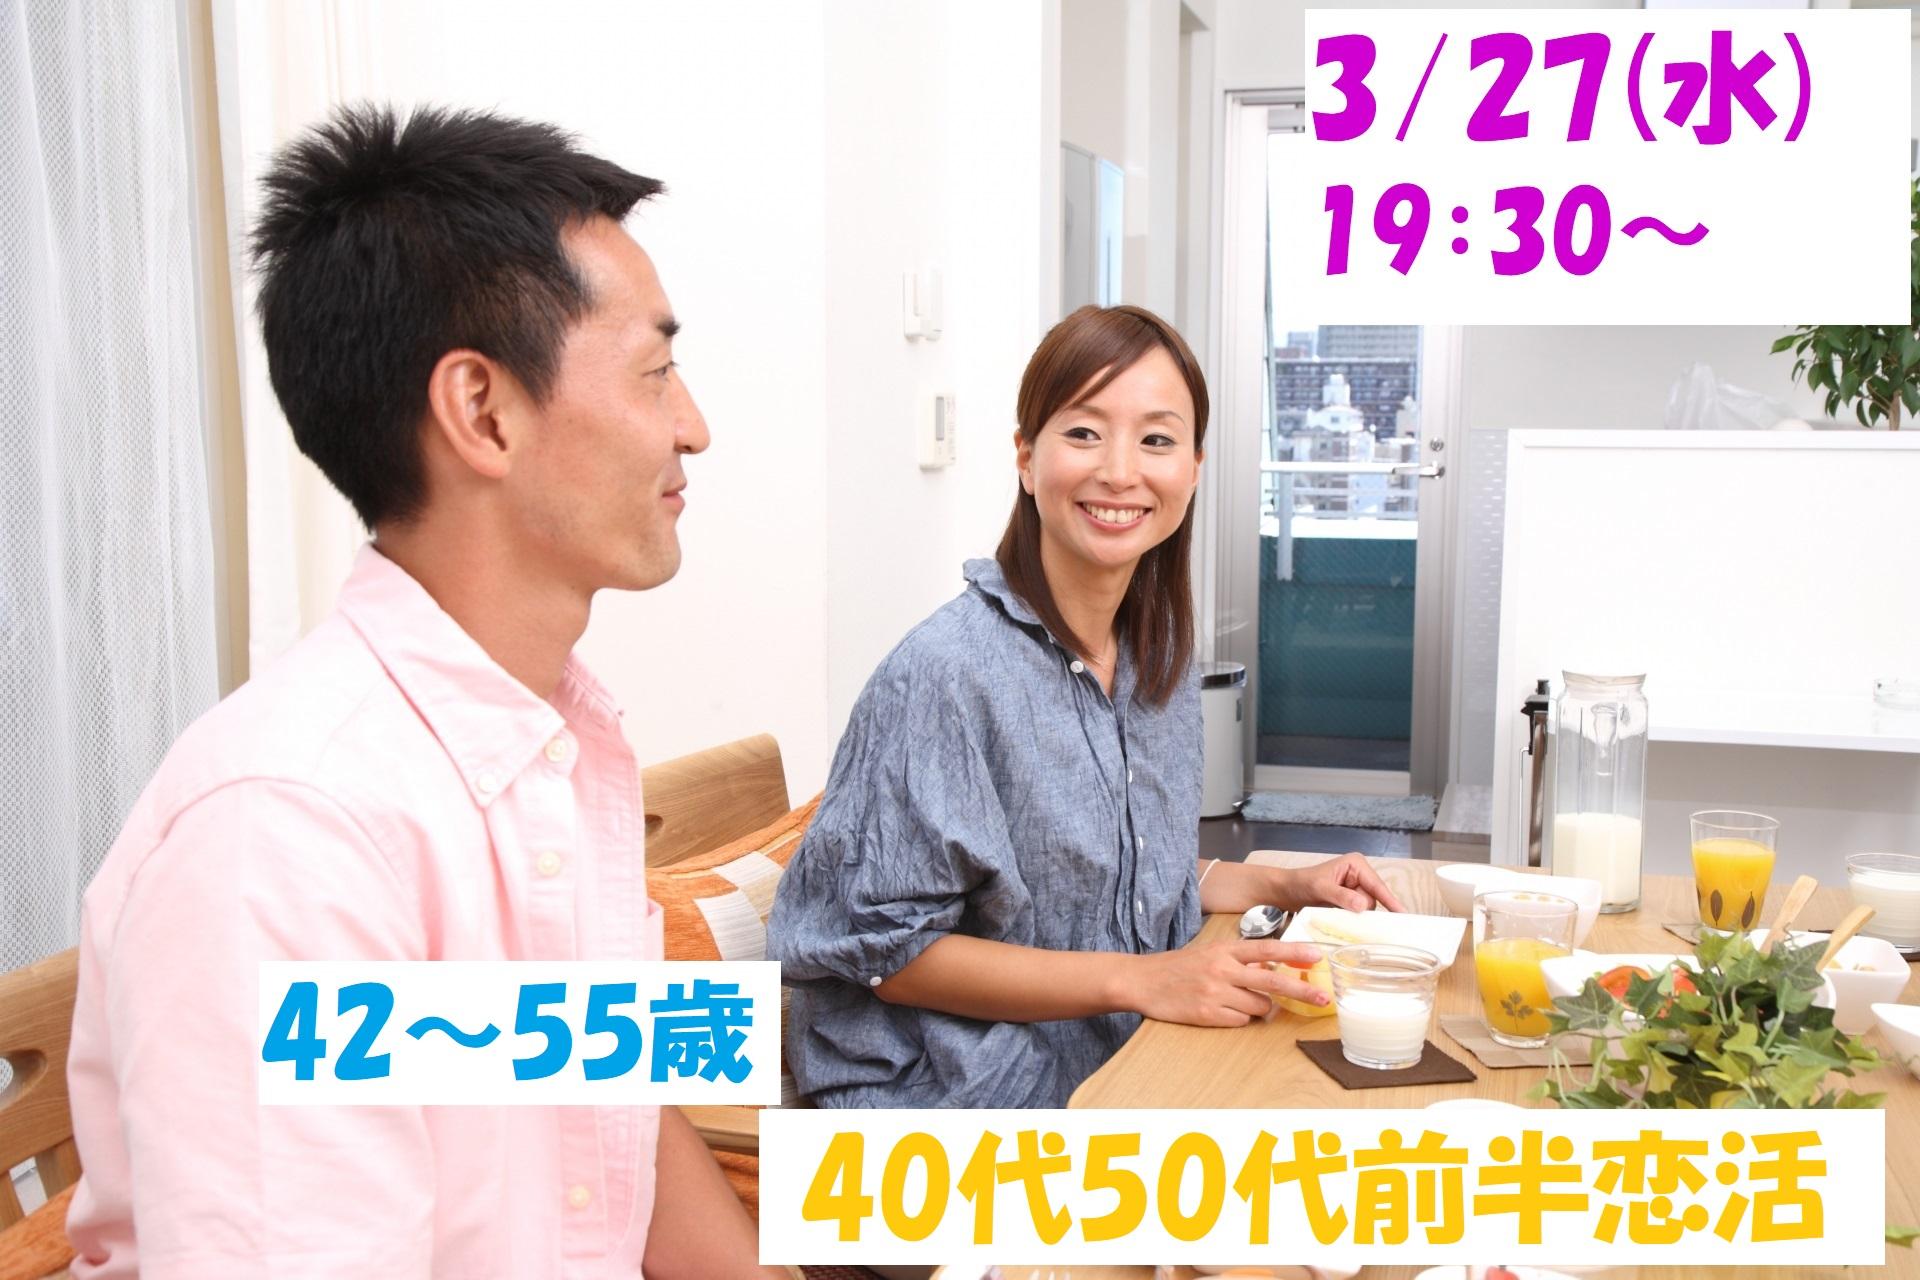 【終了】3月27日(水)19時30分~【42~55歳】気軽にパートナーを探したい!40代50代前半中心恋活!